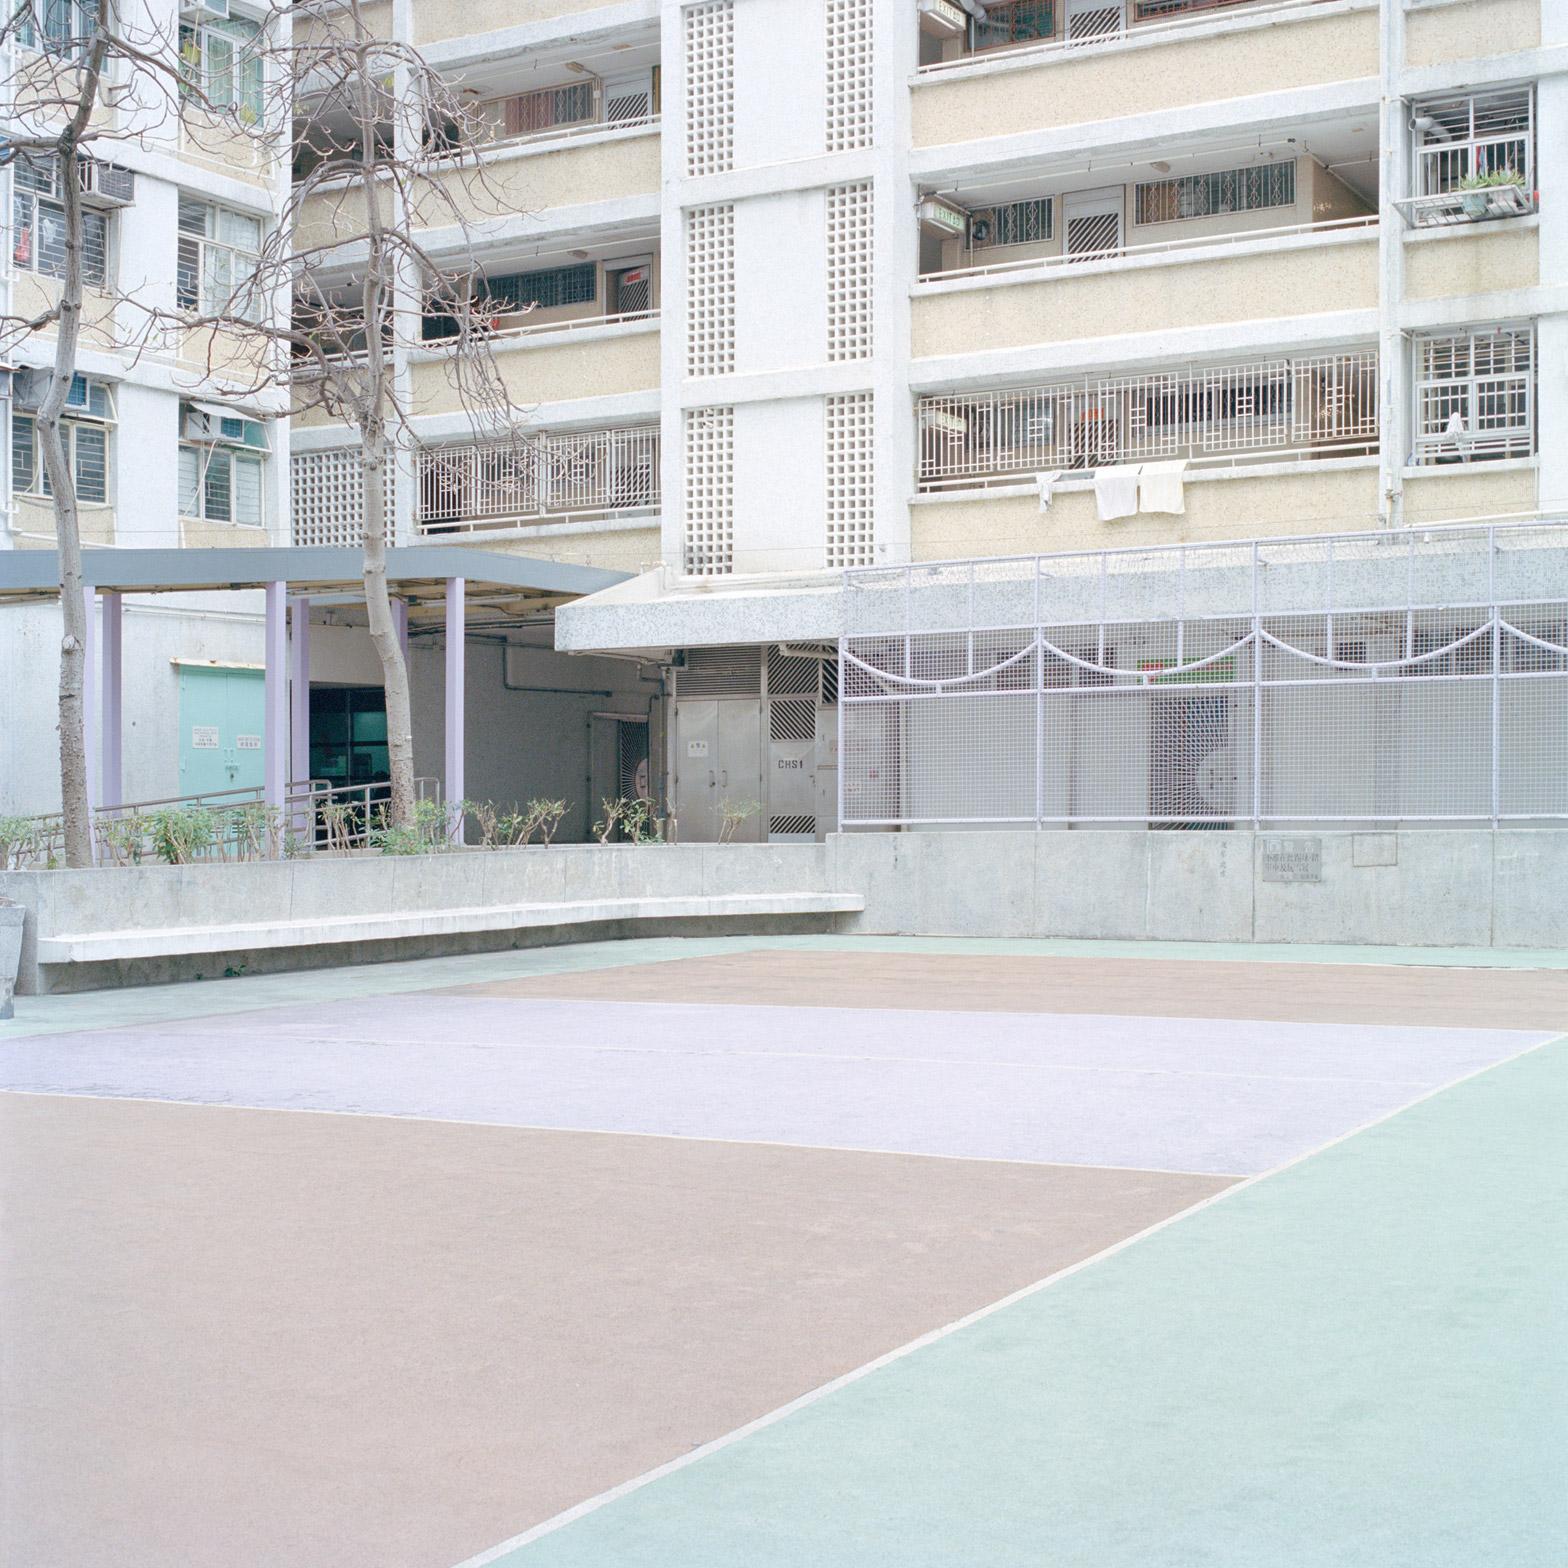 courts-by-ward-roberts_dezeen_1568_0.jpg